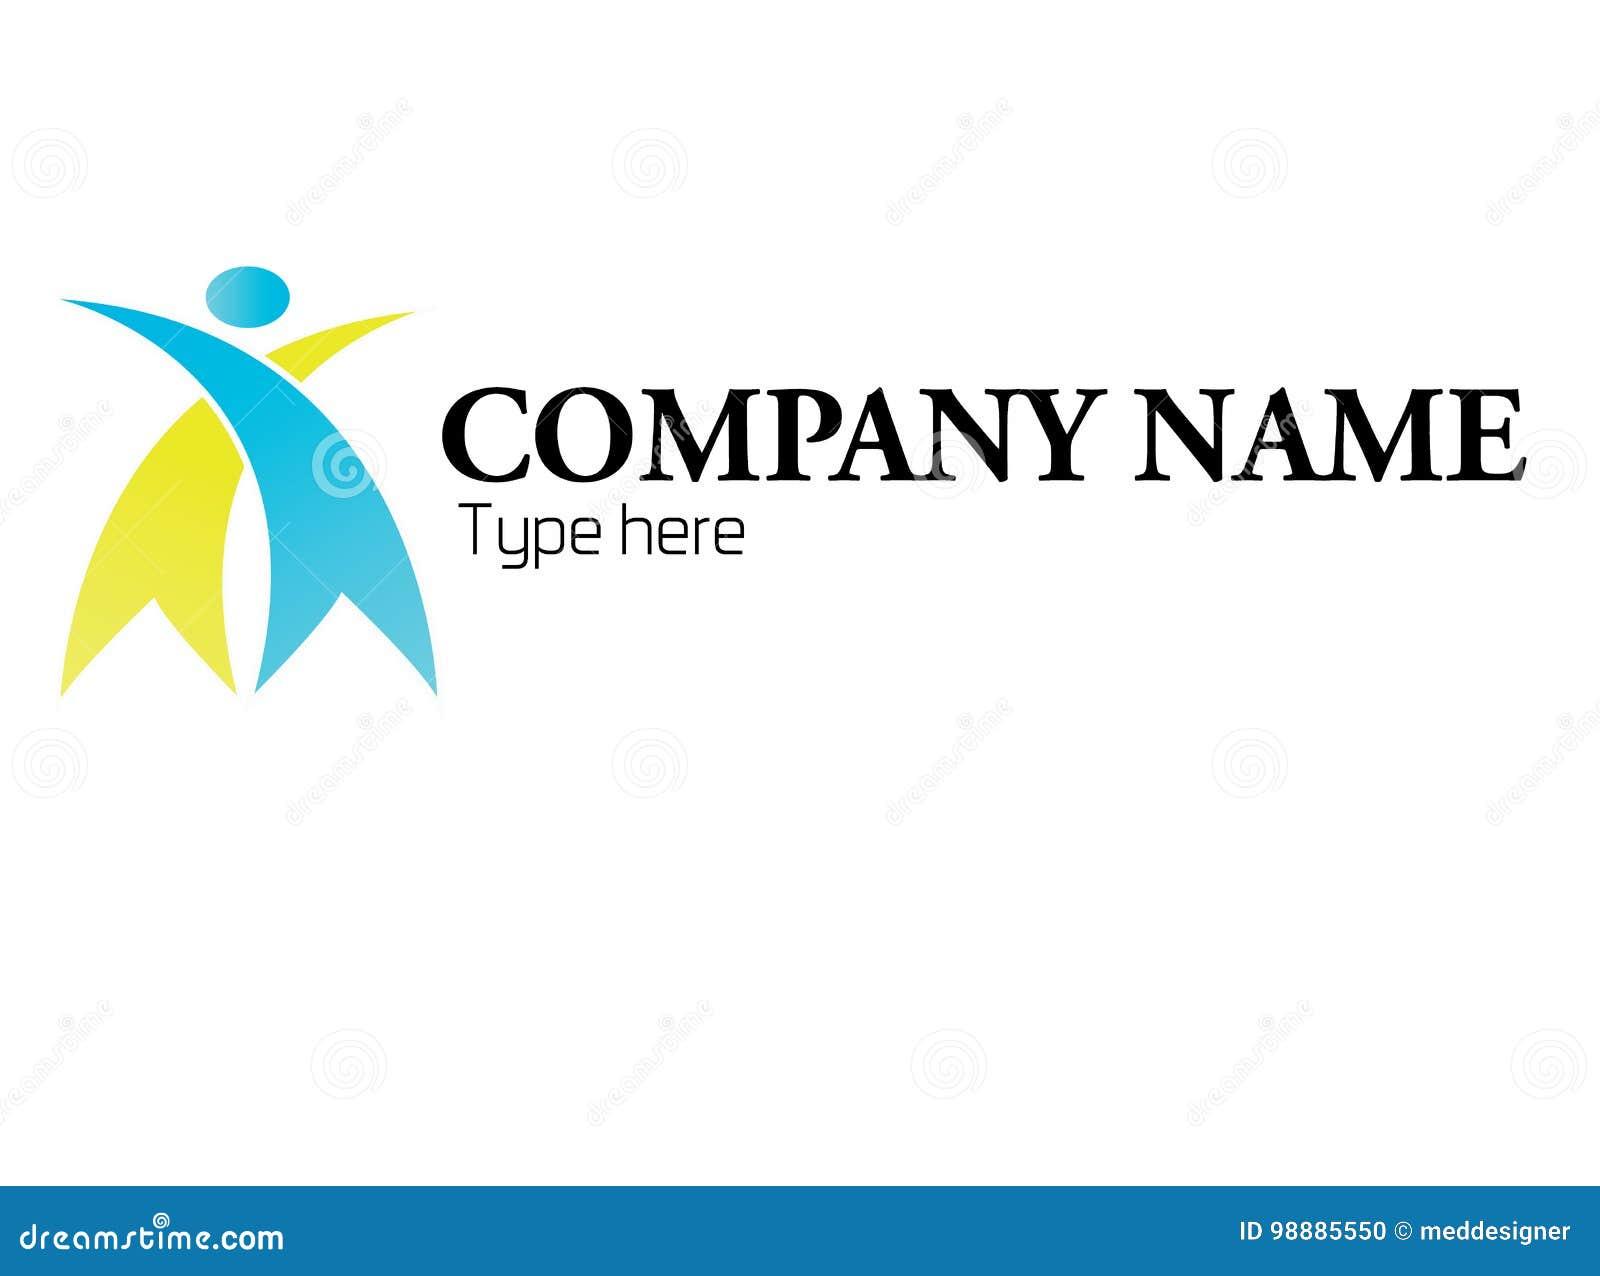 Partnership human logo